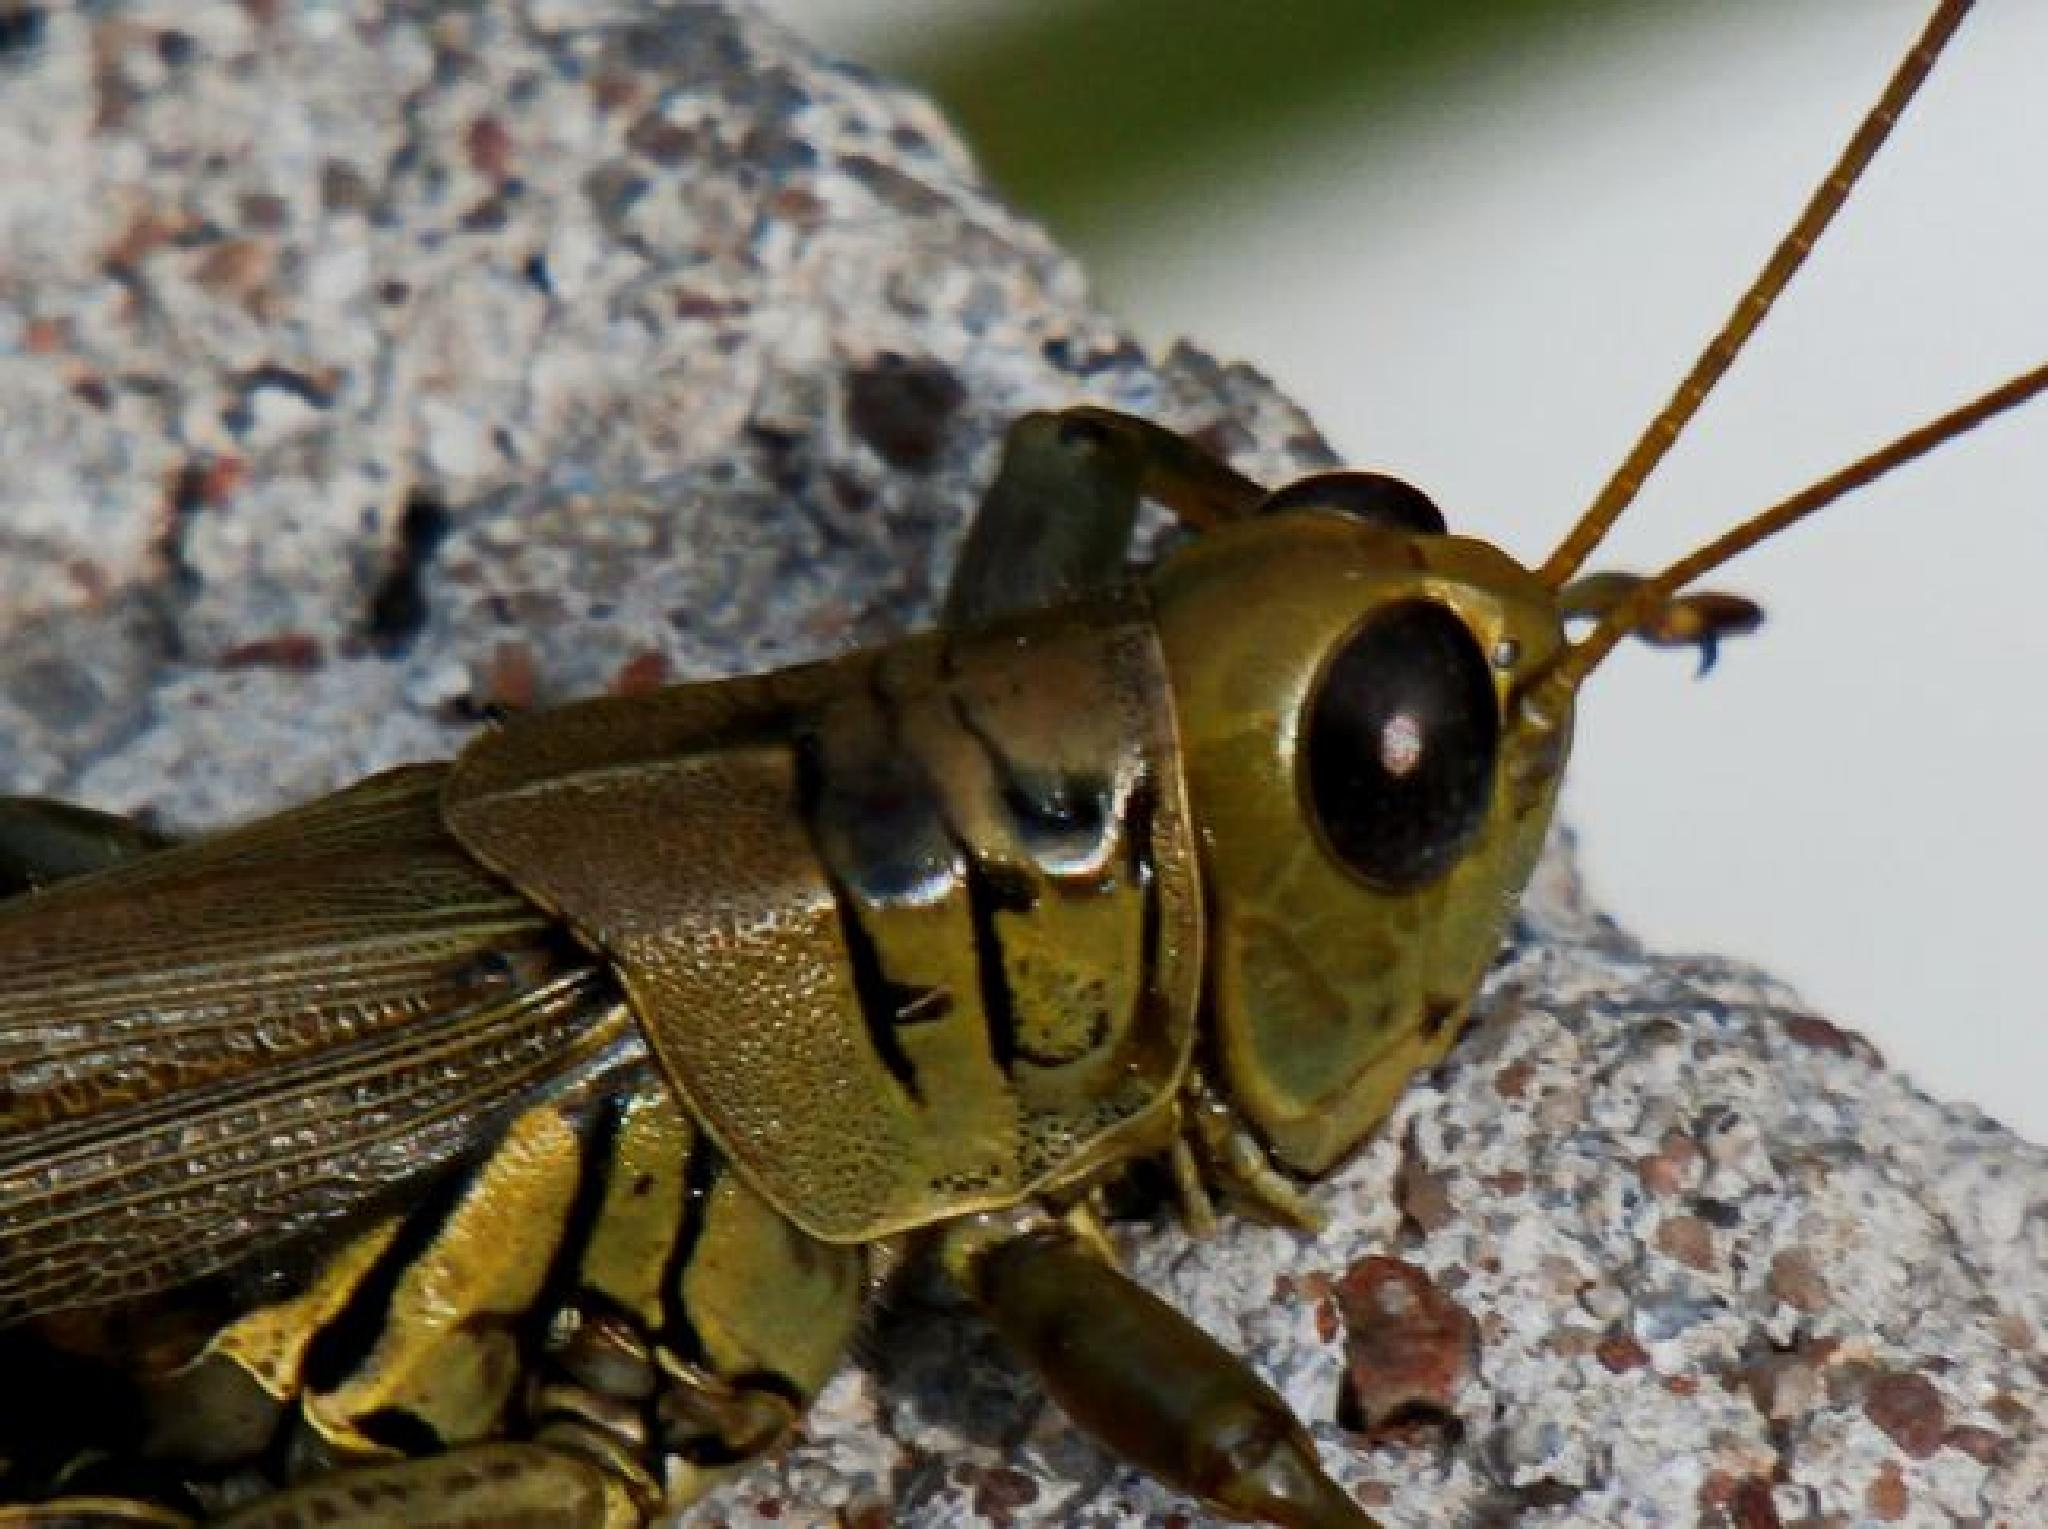 Grasshopper 1 by kymomma1977